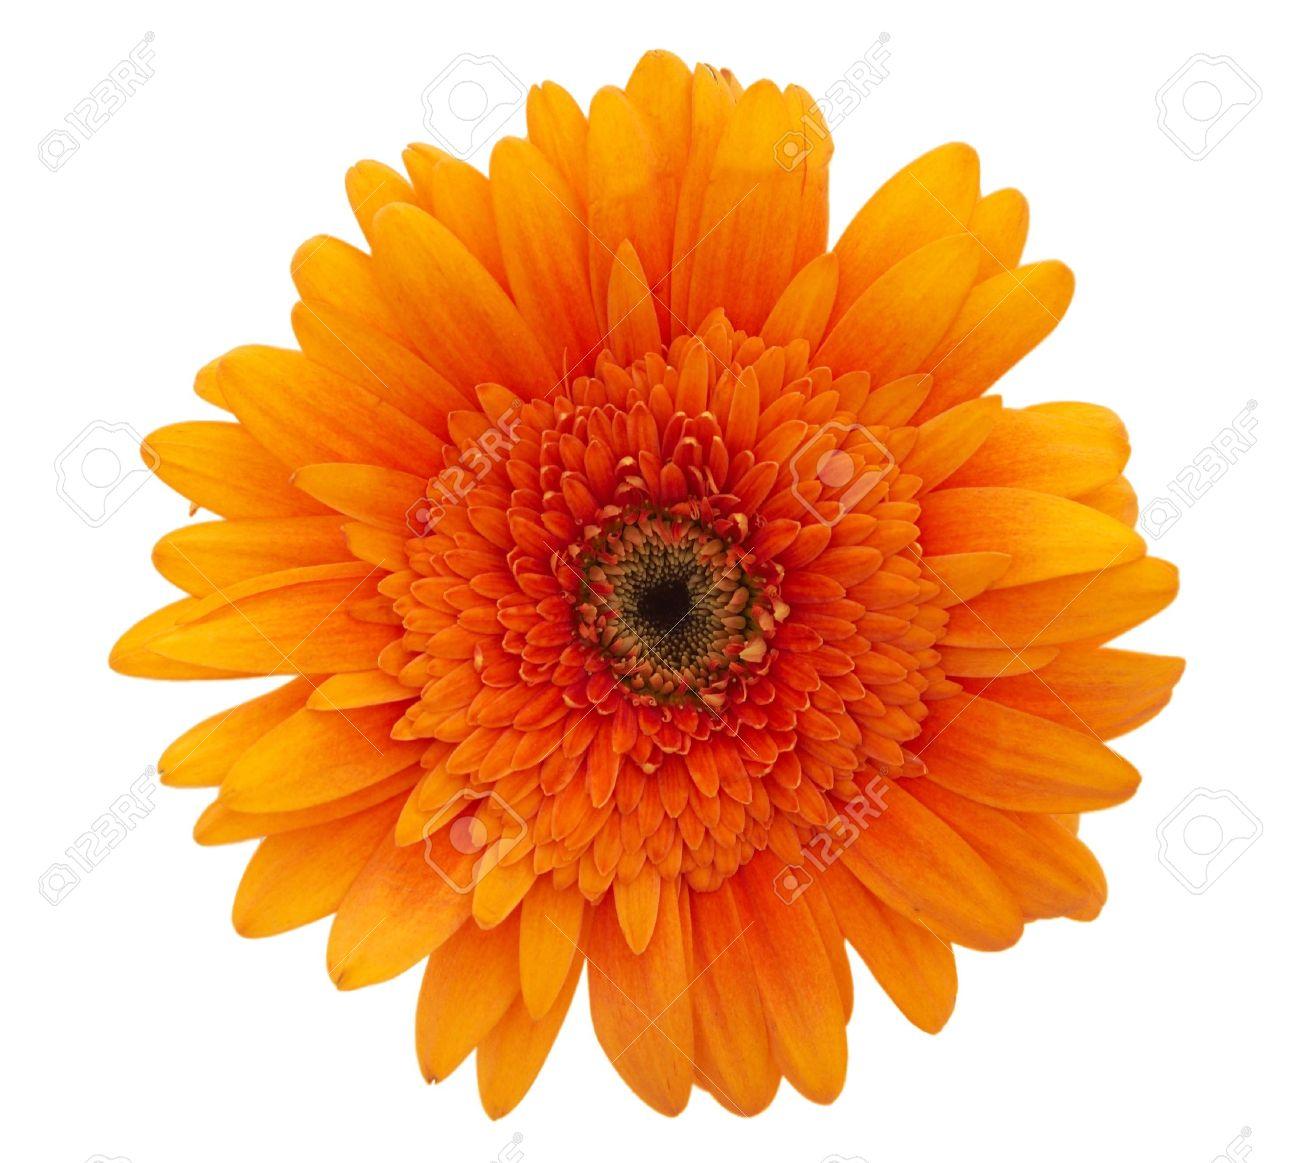 single orange daisy flower close up on white background stock